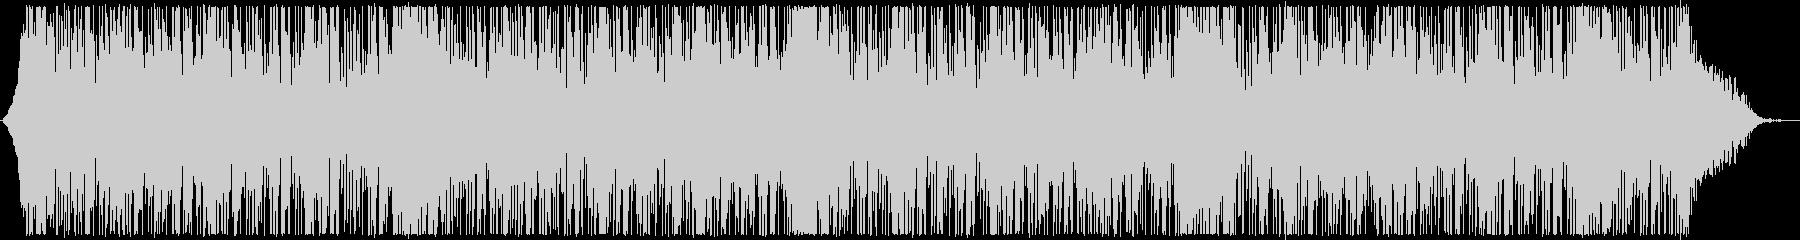 活気のあるストリングス、パルシンの...の未再生の波形